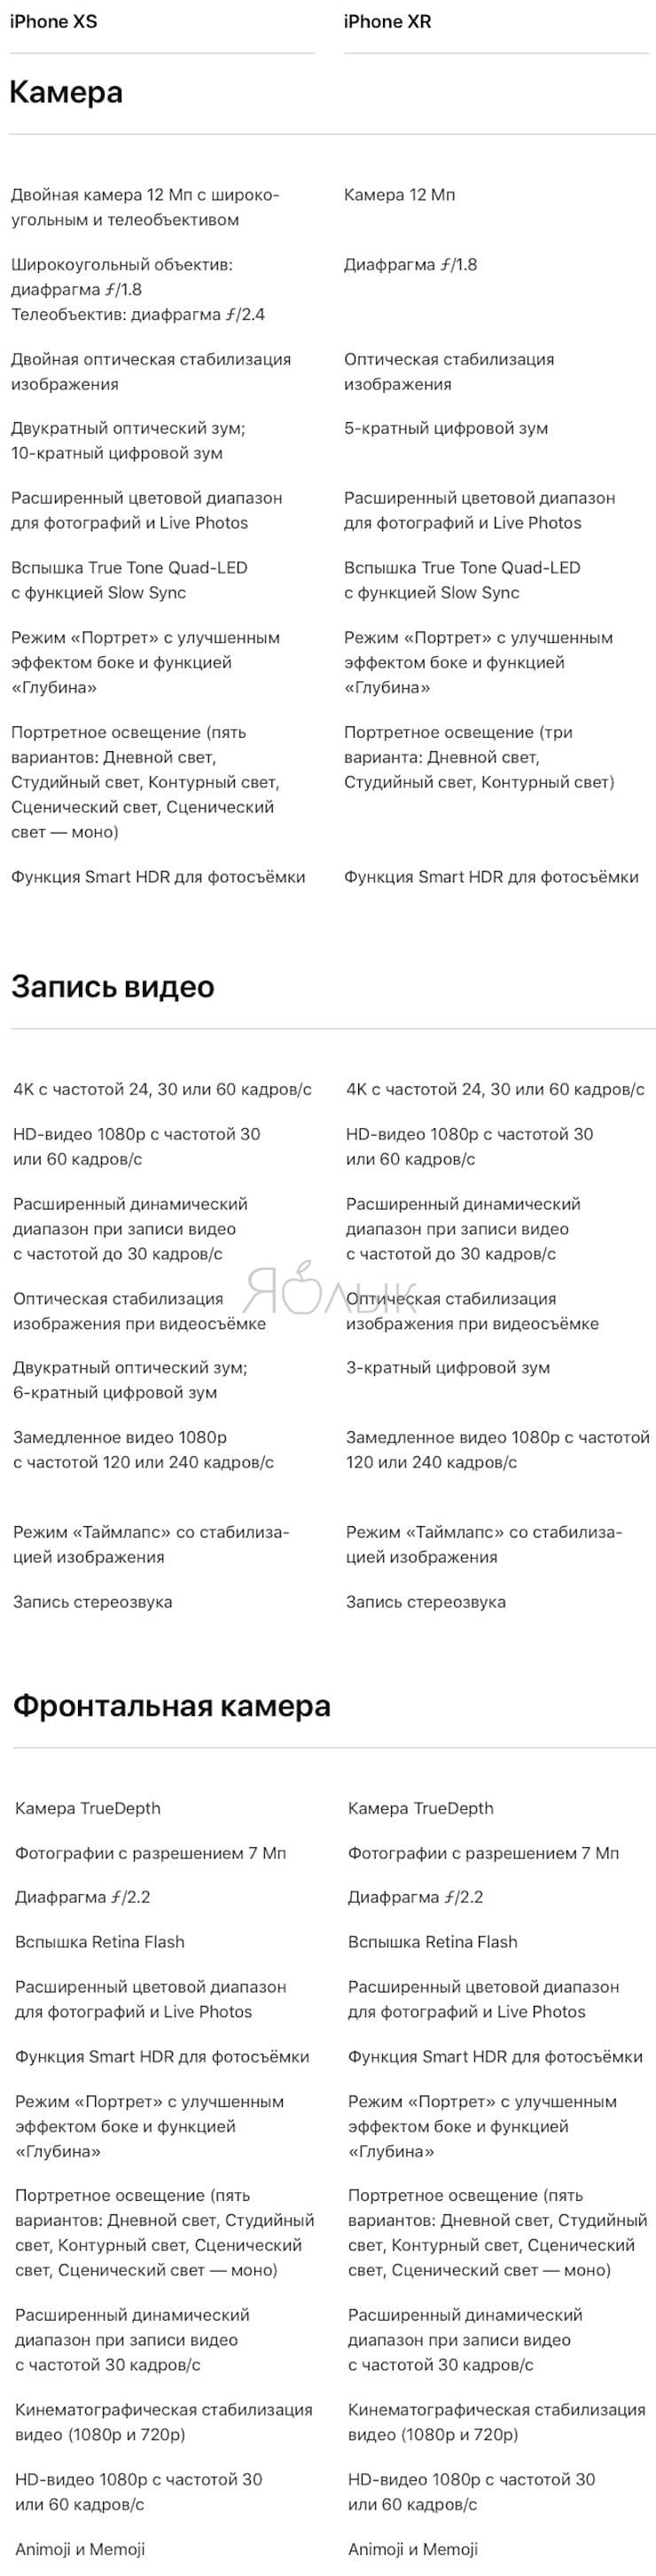 Сравнение камерiPhone XR и iPhone XS